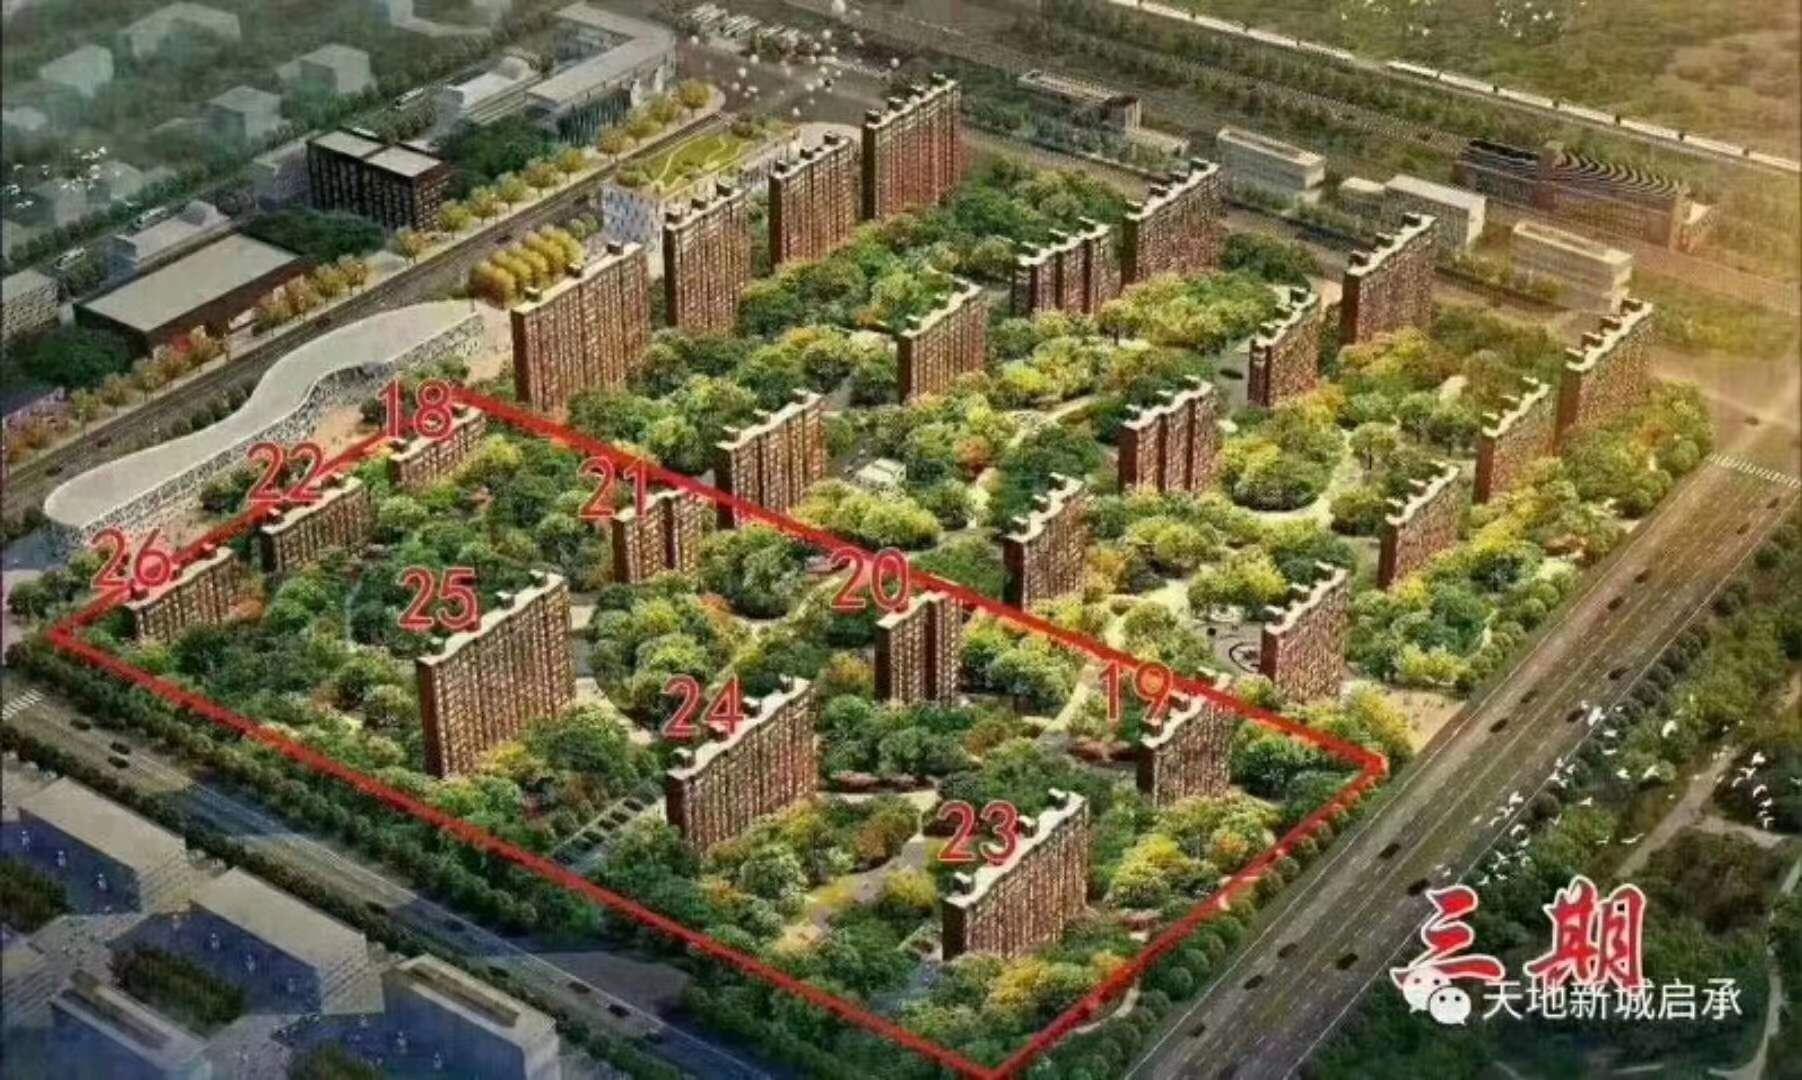 涿州天地新城房价11000起值得买吗